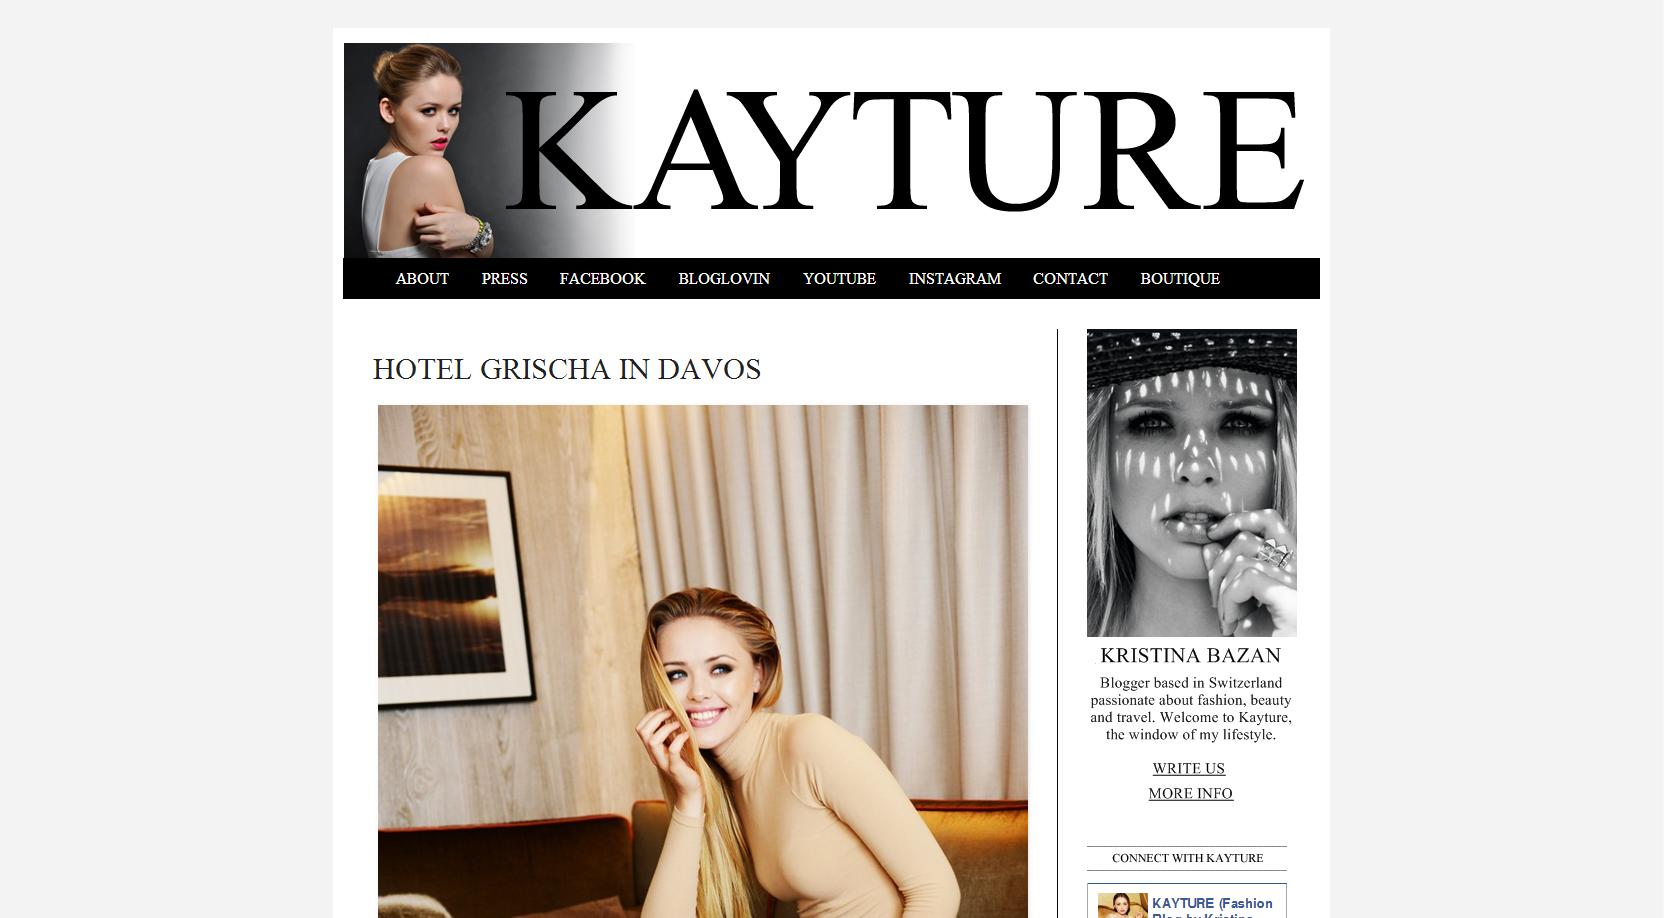 kayture-hotel-grischa